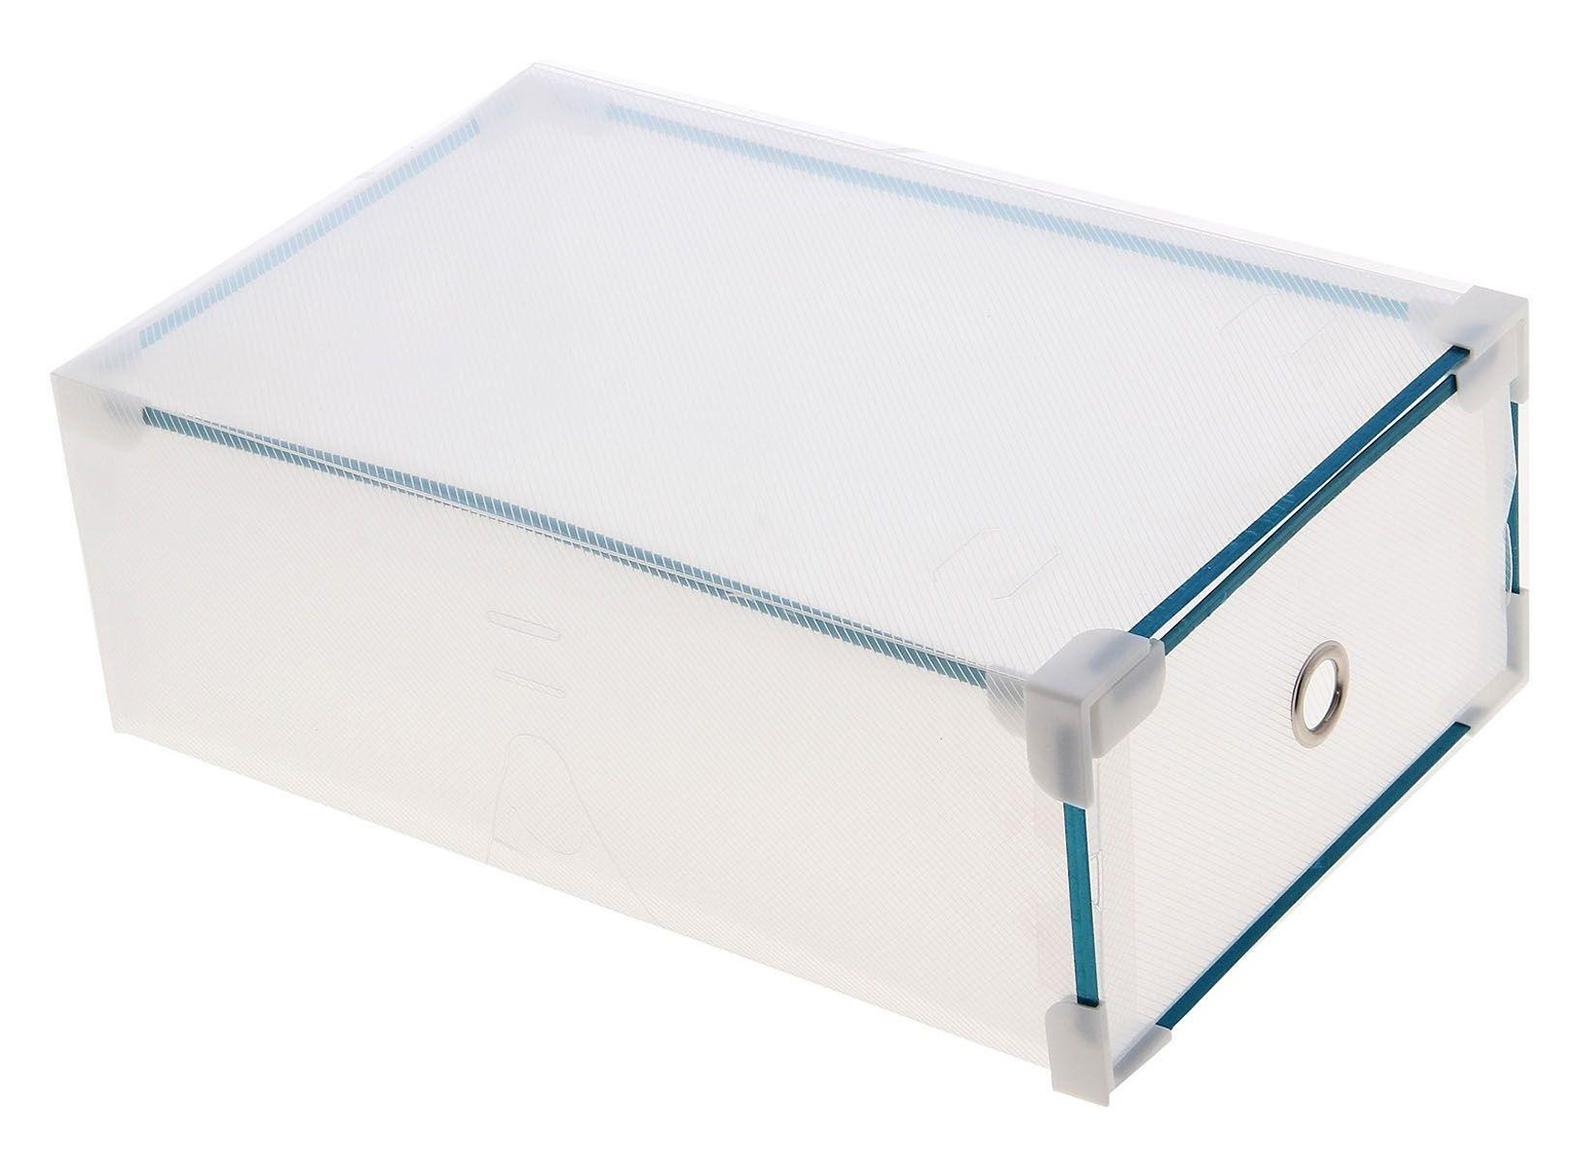 короб для хранения выдвижной 31*19,5*10,5см прозрачный 7099676907099670005Коробка для мелочей изготовлена из прочного пластика. Предназначена для хранения мелких бытовых мелочей, принадлежностей для шитья и т.д. Коробка оснащена плотно закрывающейся крышкой, которая предотвратит просыпание и потерю мелких вещиц. Коробка для мелочей сохранит ваши вещи в порядке. Материал: Пластик, металл